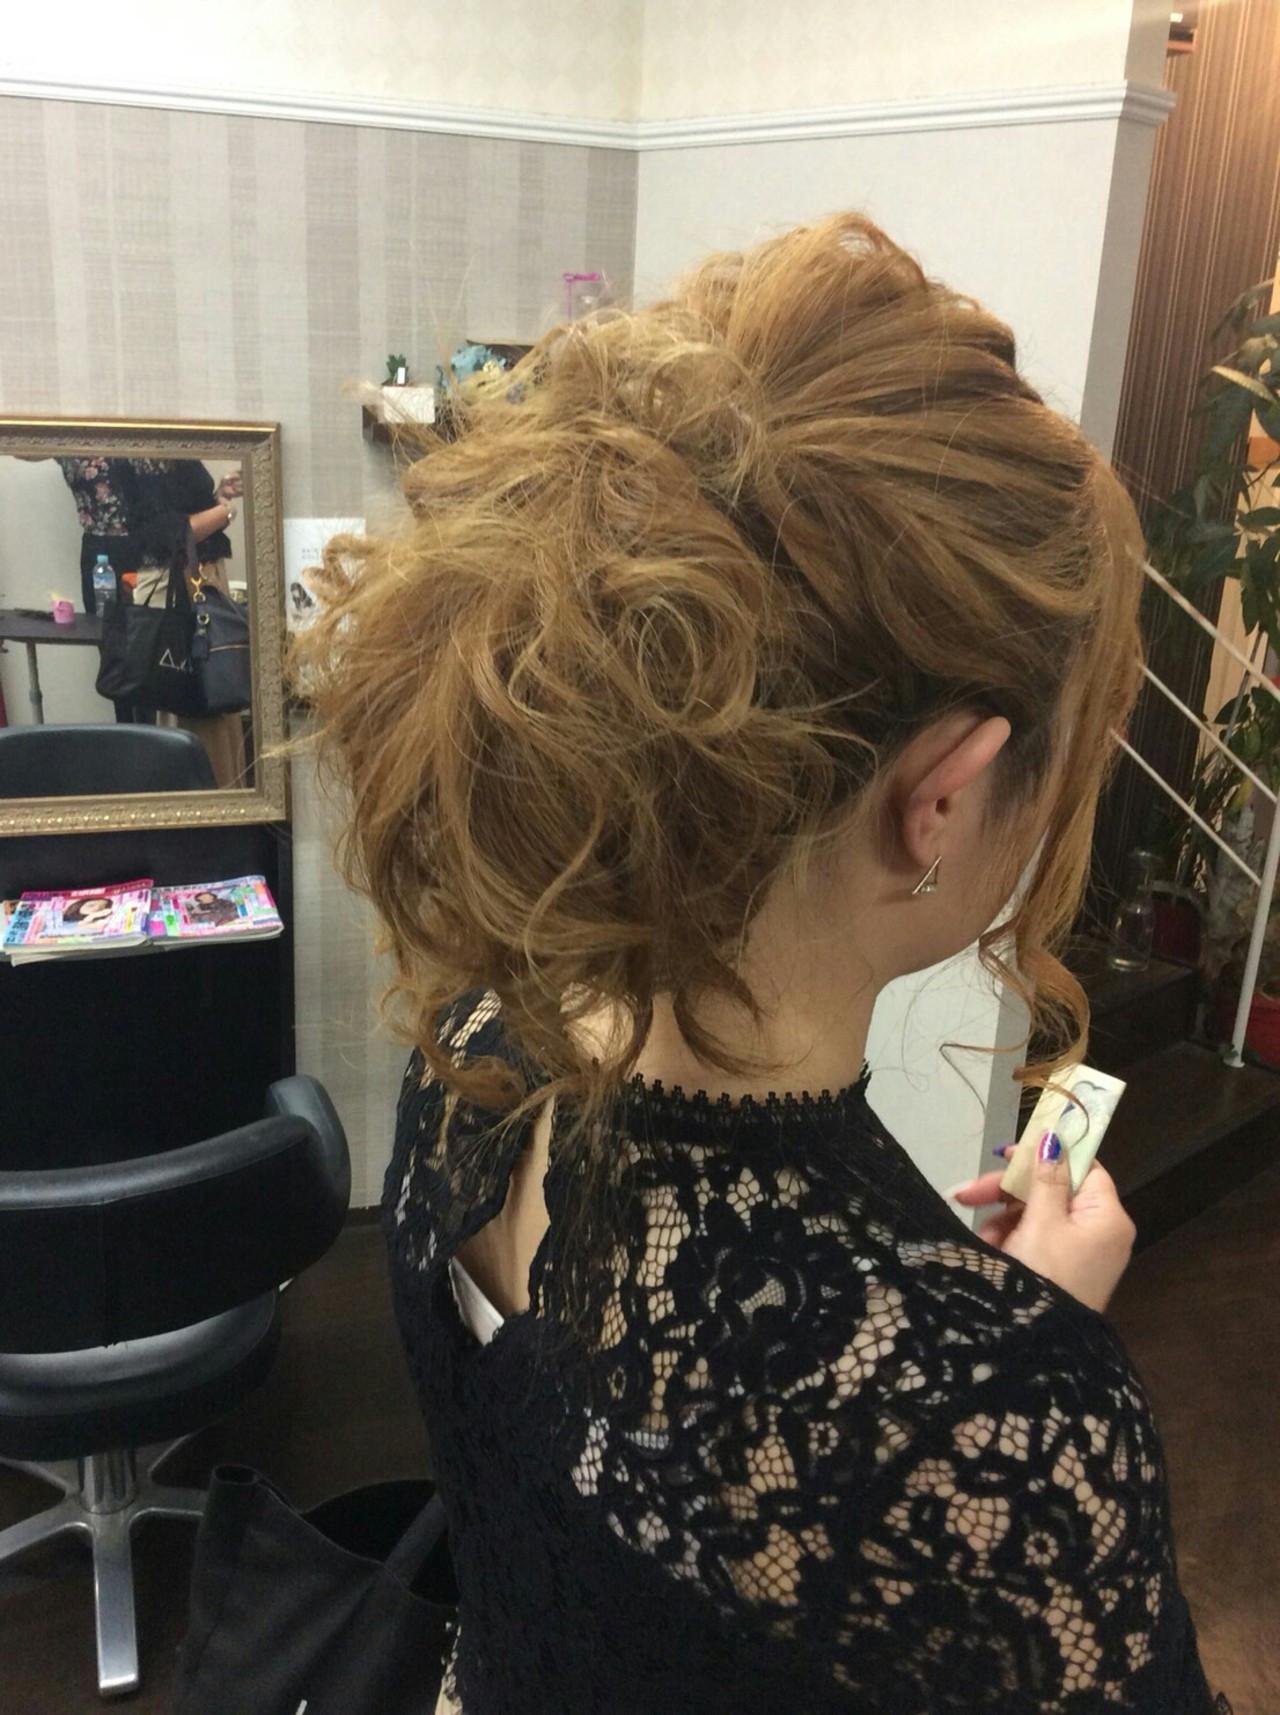 ヘアアレンジ 結婚式 ポンパドール ナチュラル ヘアスタイルや髪型の写真・画像